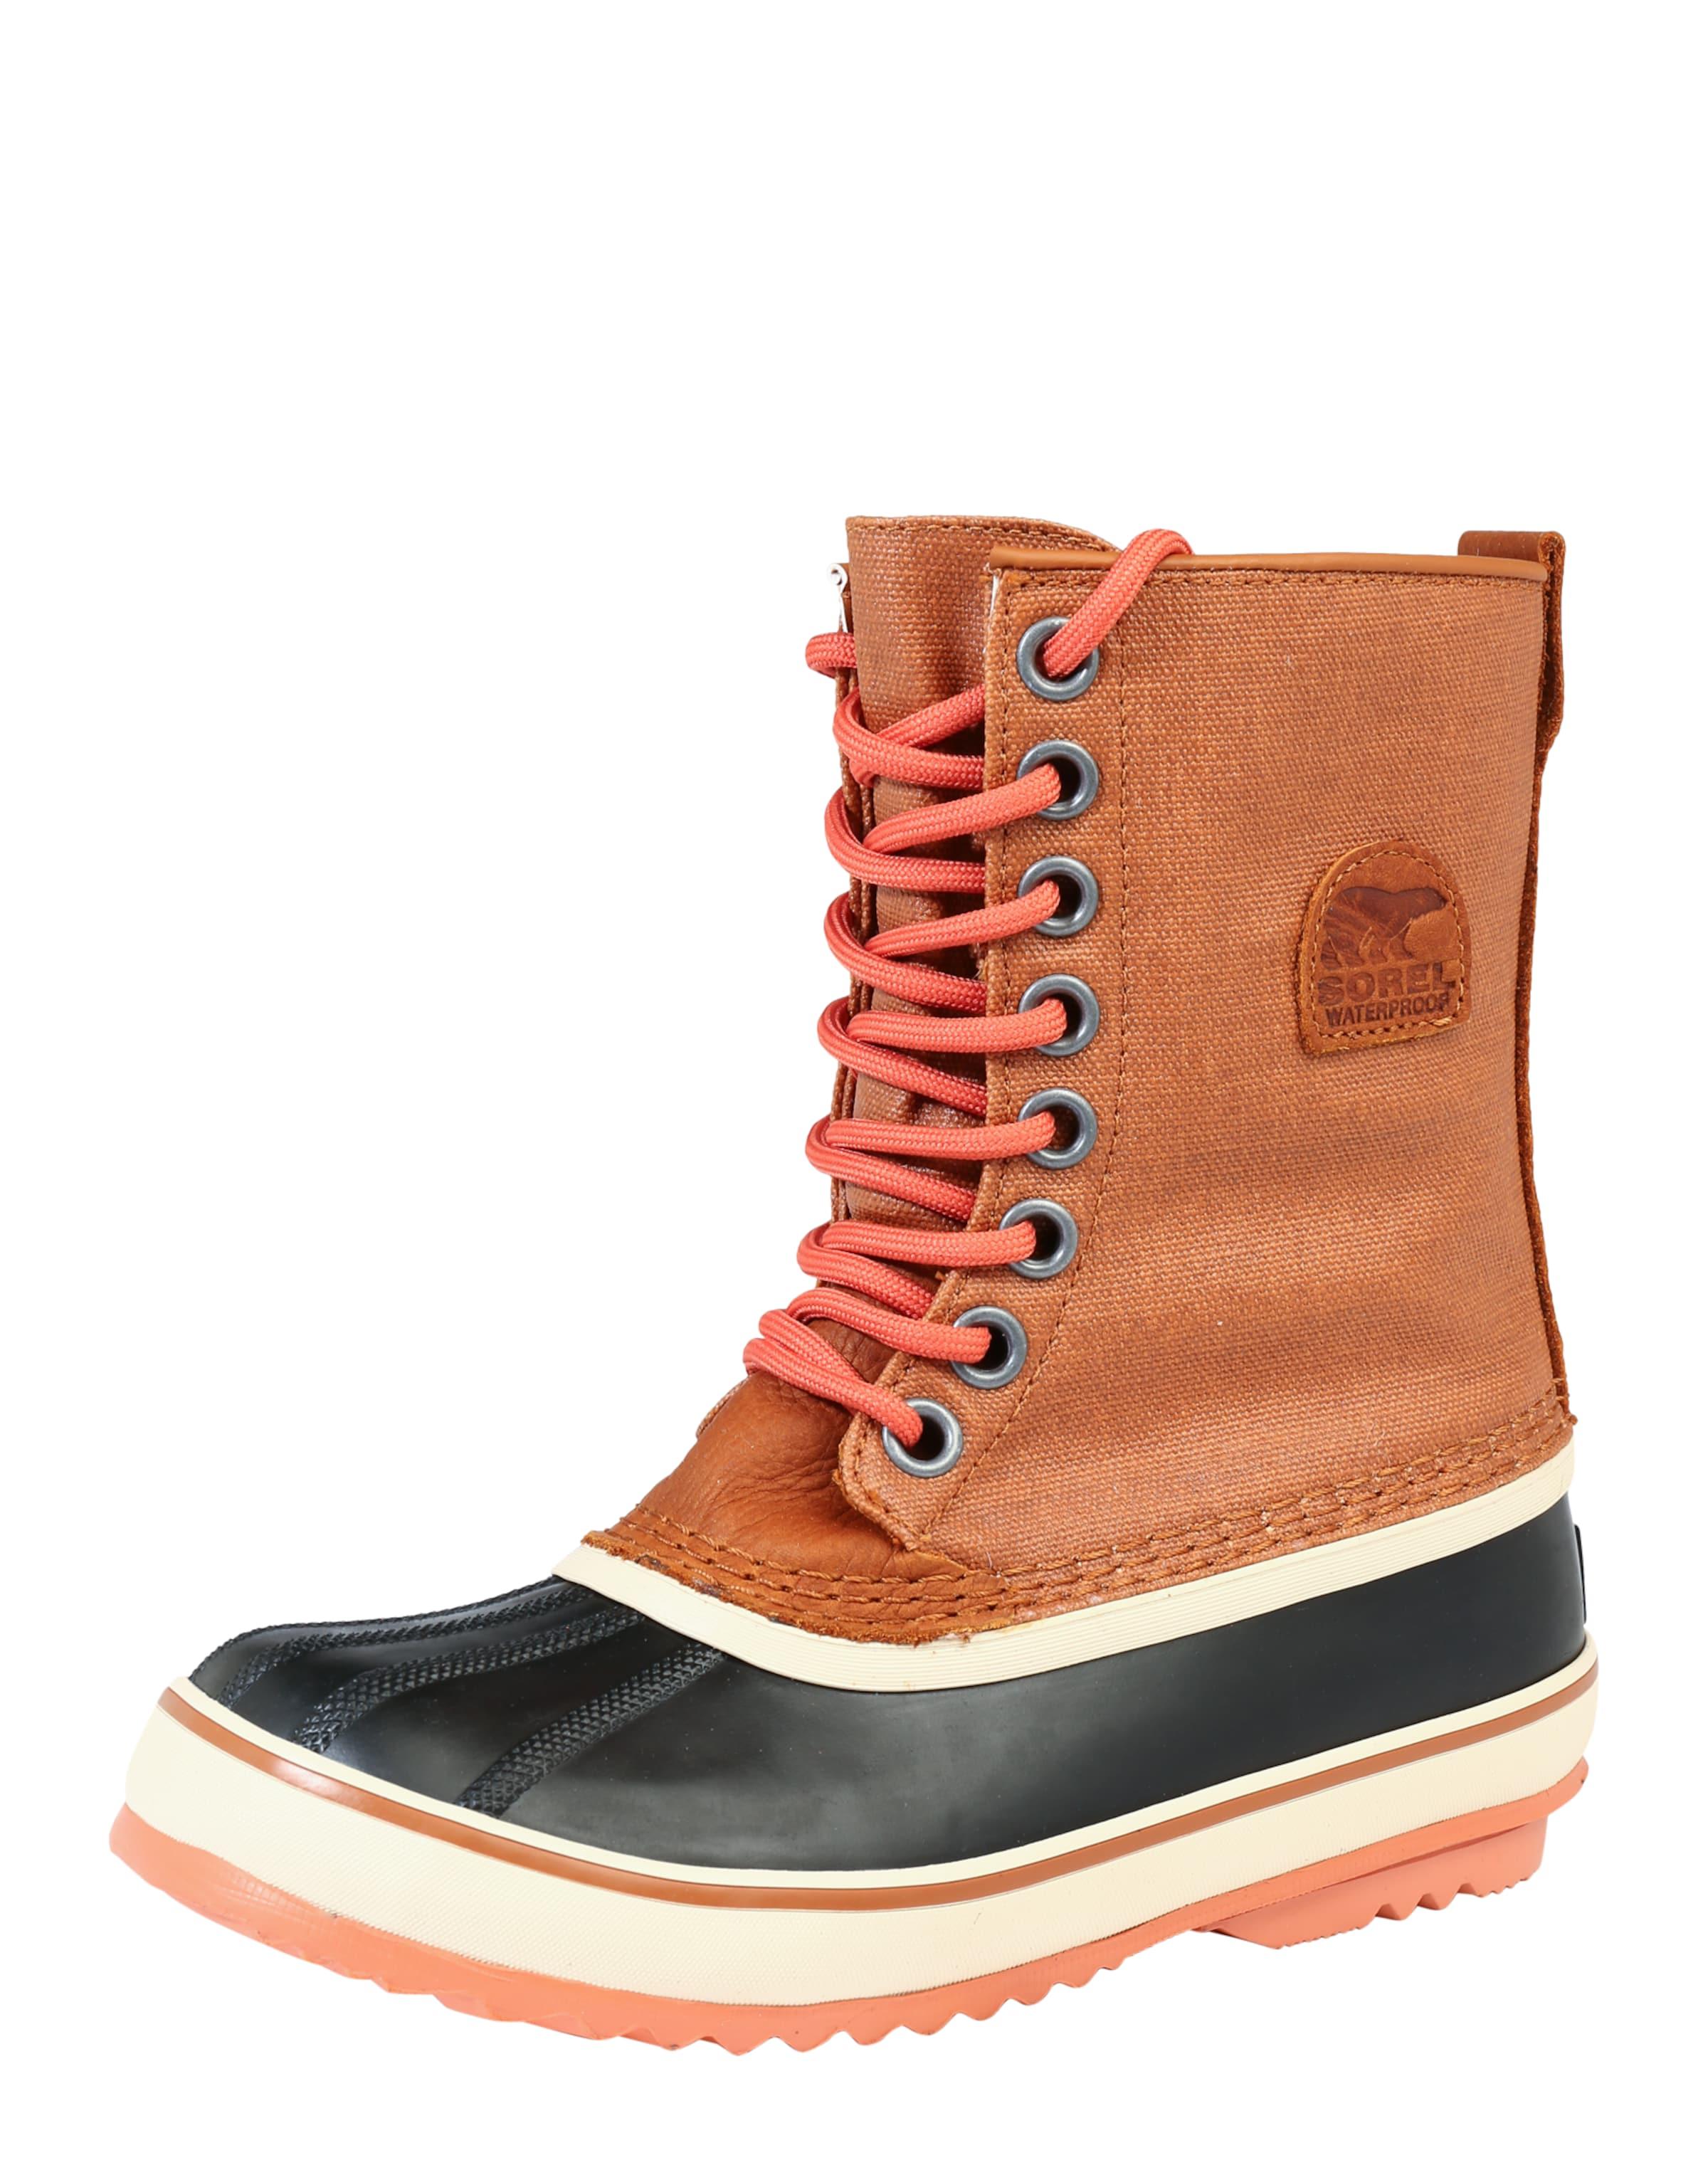 SOREL Schneestiefel 1964 Premium Verschleißfeste billige Schuhe